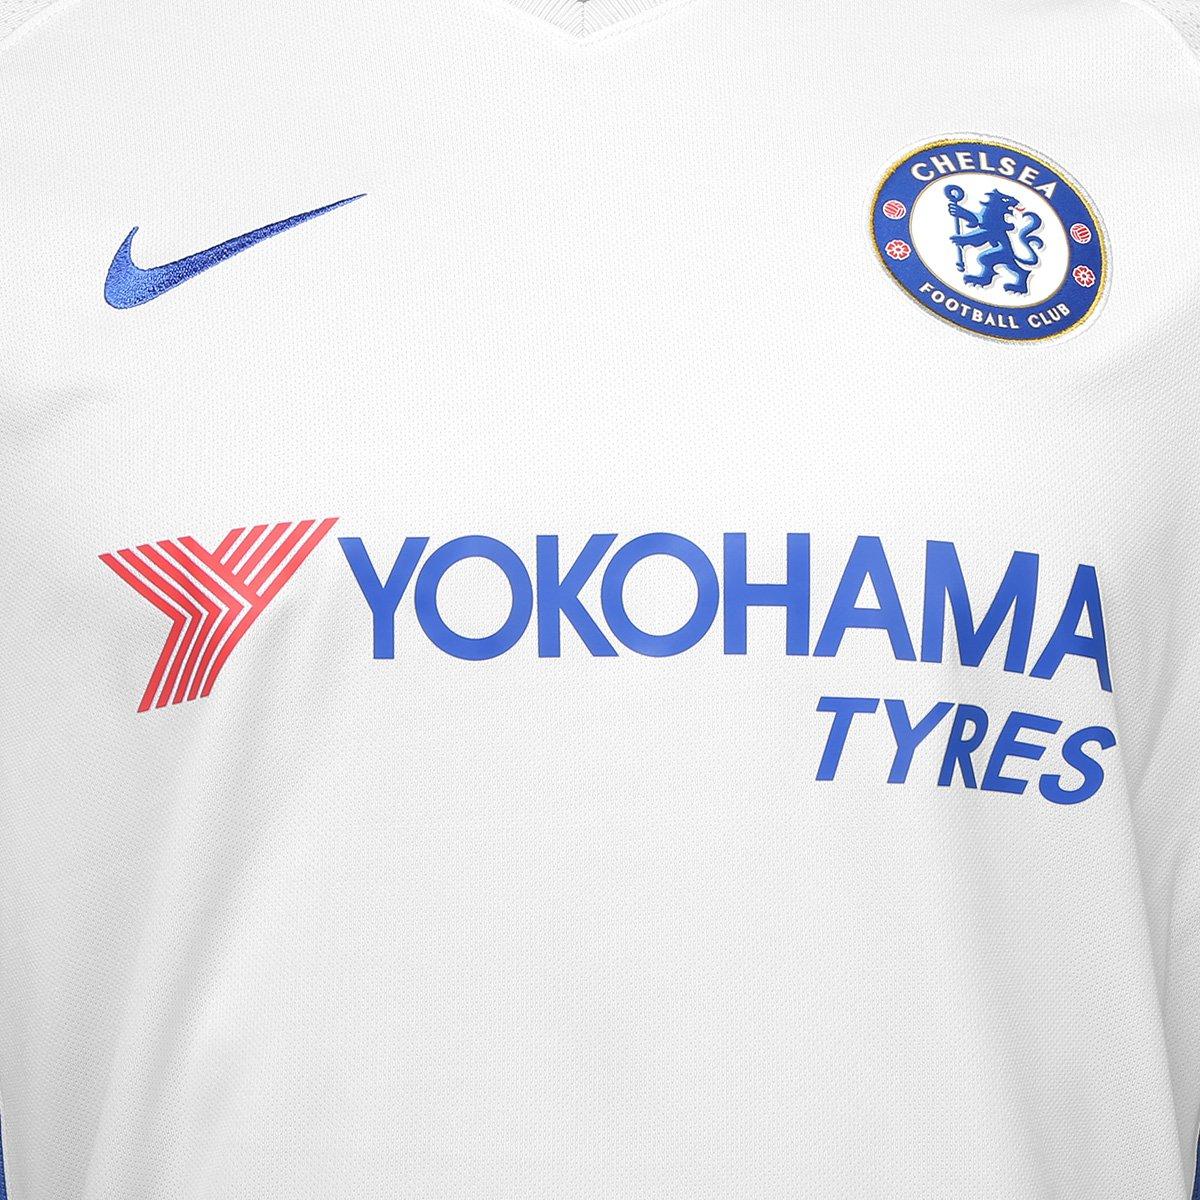 Camisa Chelsea Away 17 18 s n° - Torcedor Nike Masculina - Compre ... a7da7457b31ad